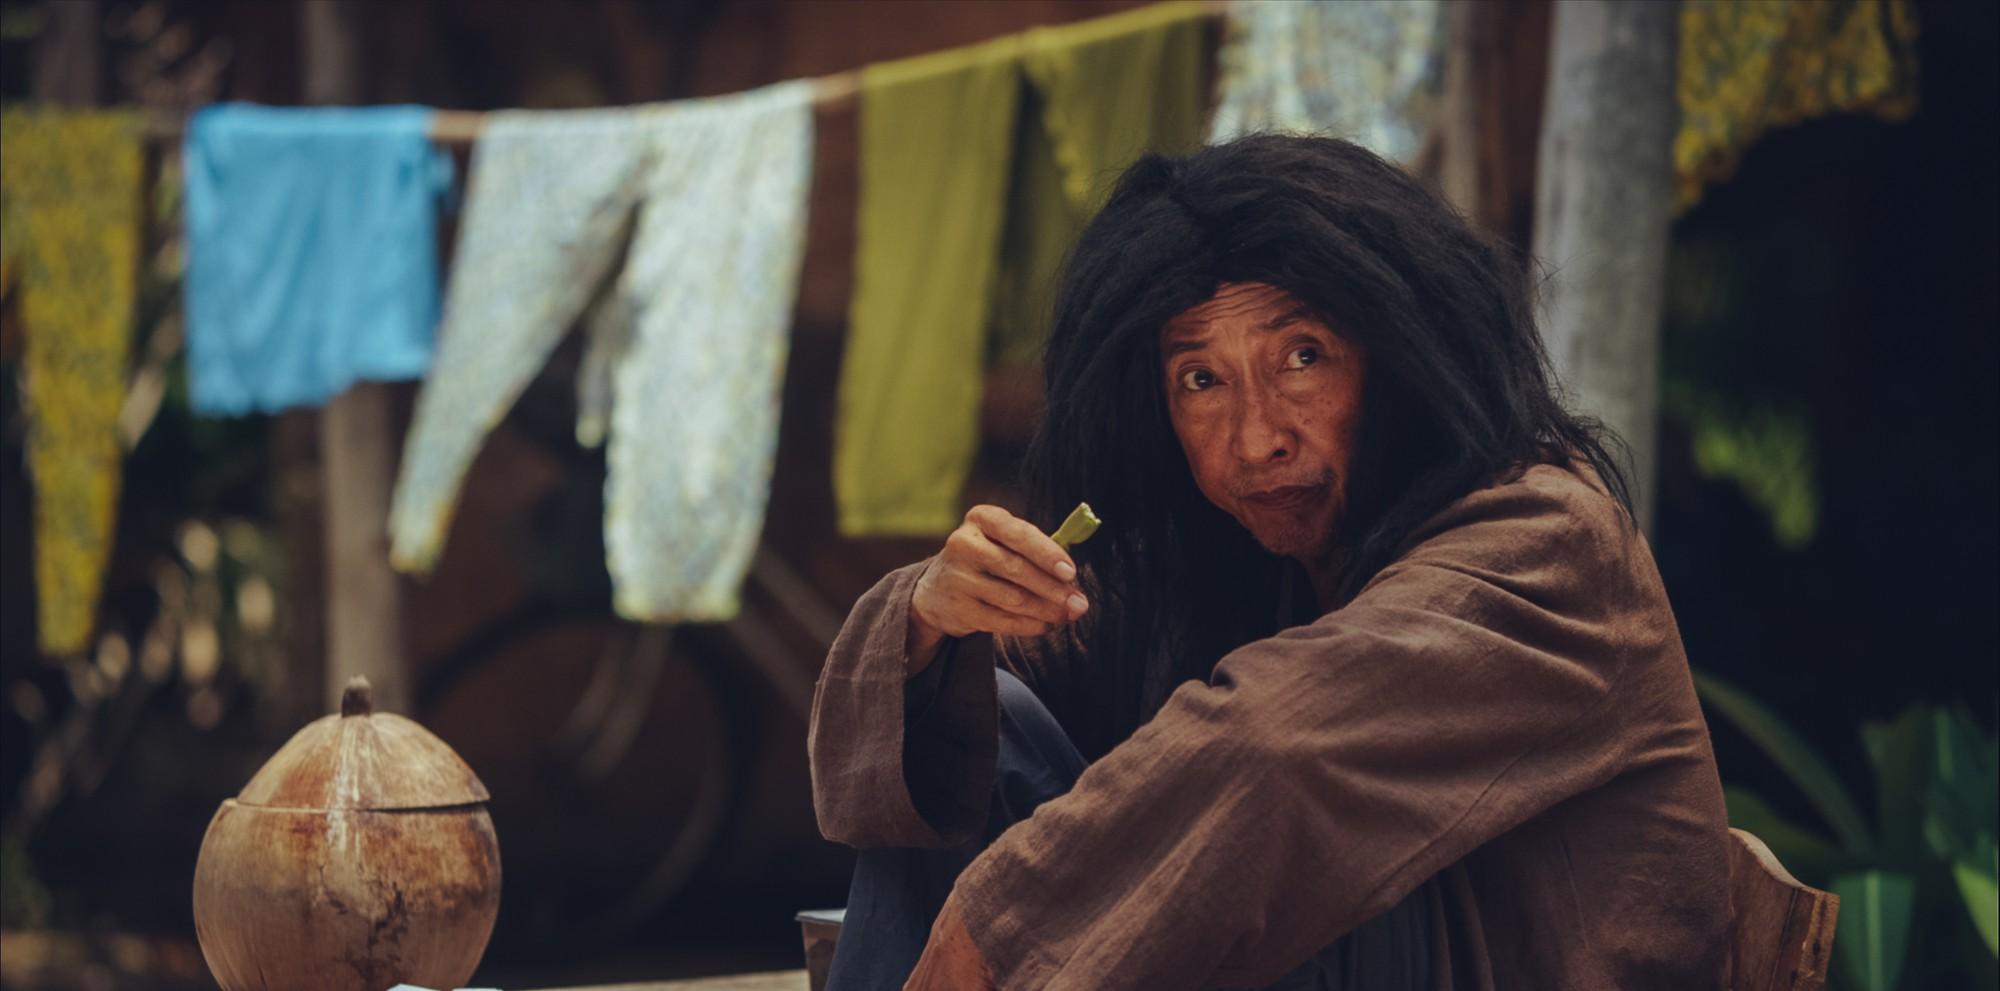 798Mười - Lầy duyên dáng như phim Châu Tinh Trì! - Ảnh 6.